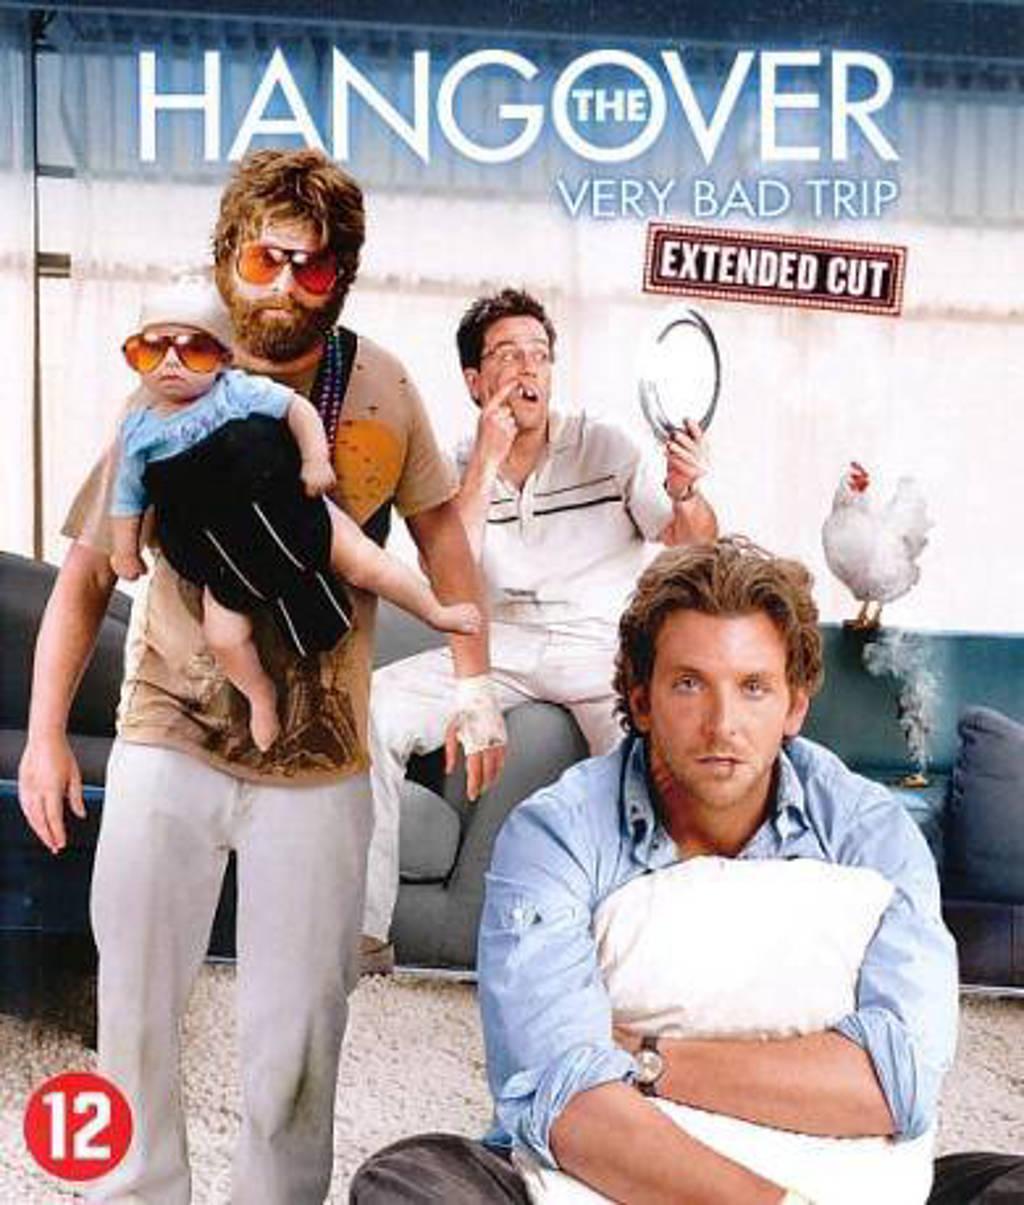 Hangover (Blu-ray)